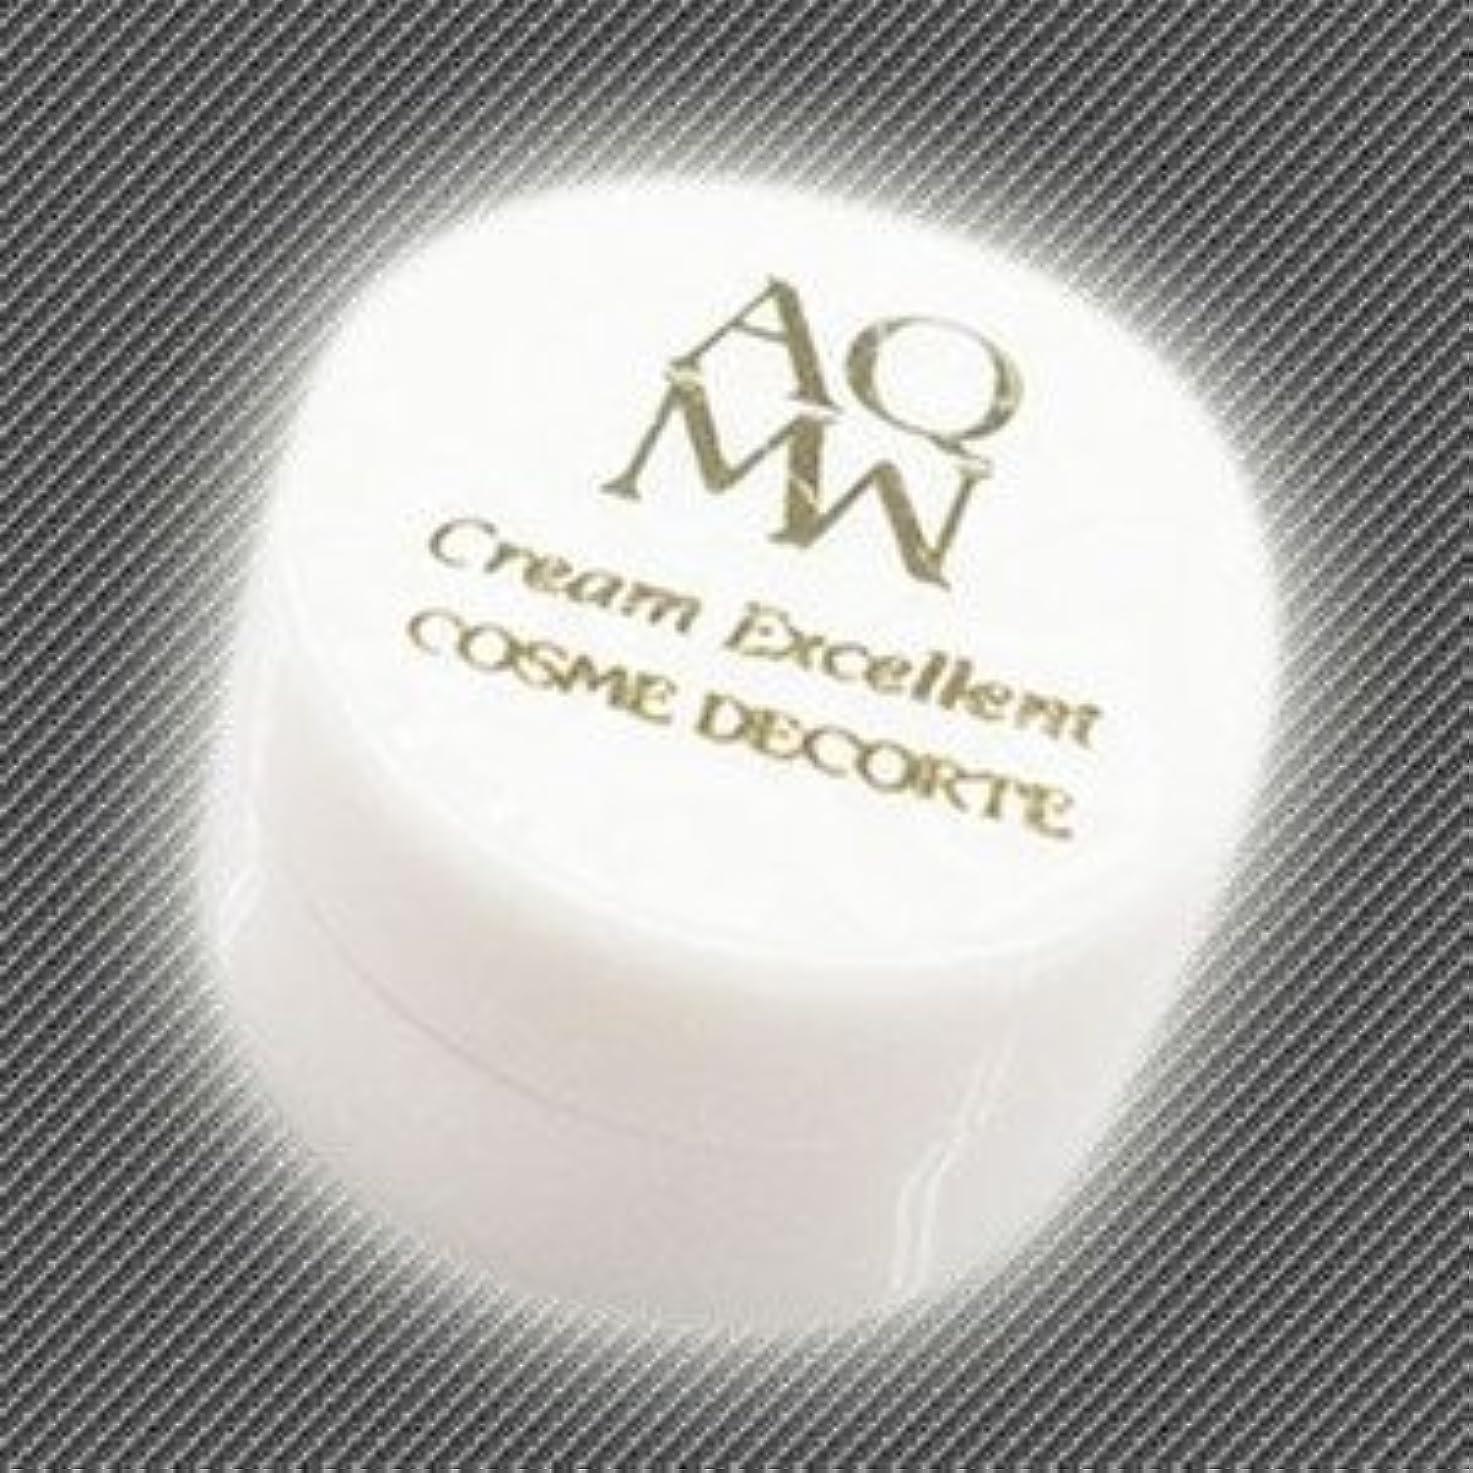 武装解除聖なるのりコスメデコルテ AQ MW クリームエクセレント 2.4ml(ミニ)